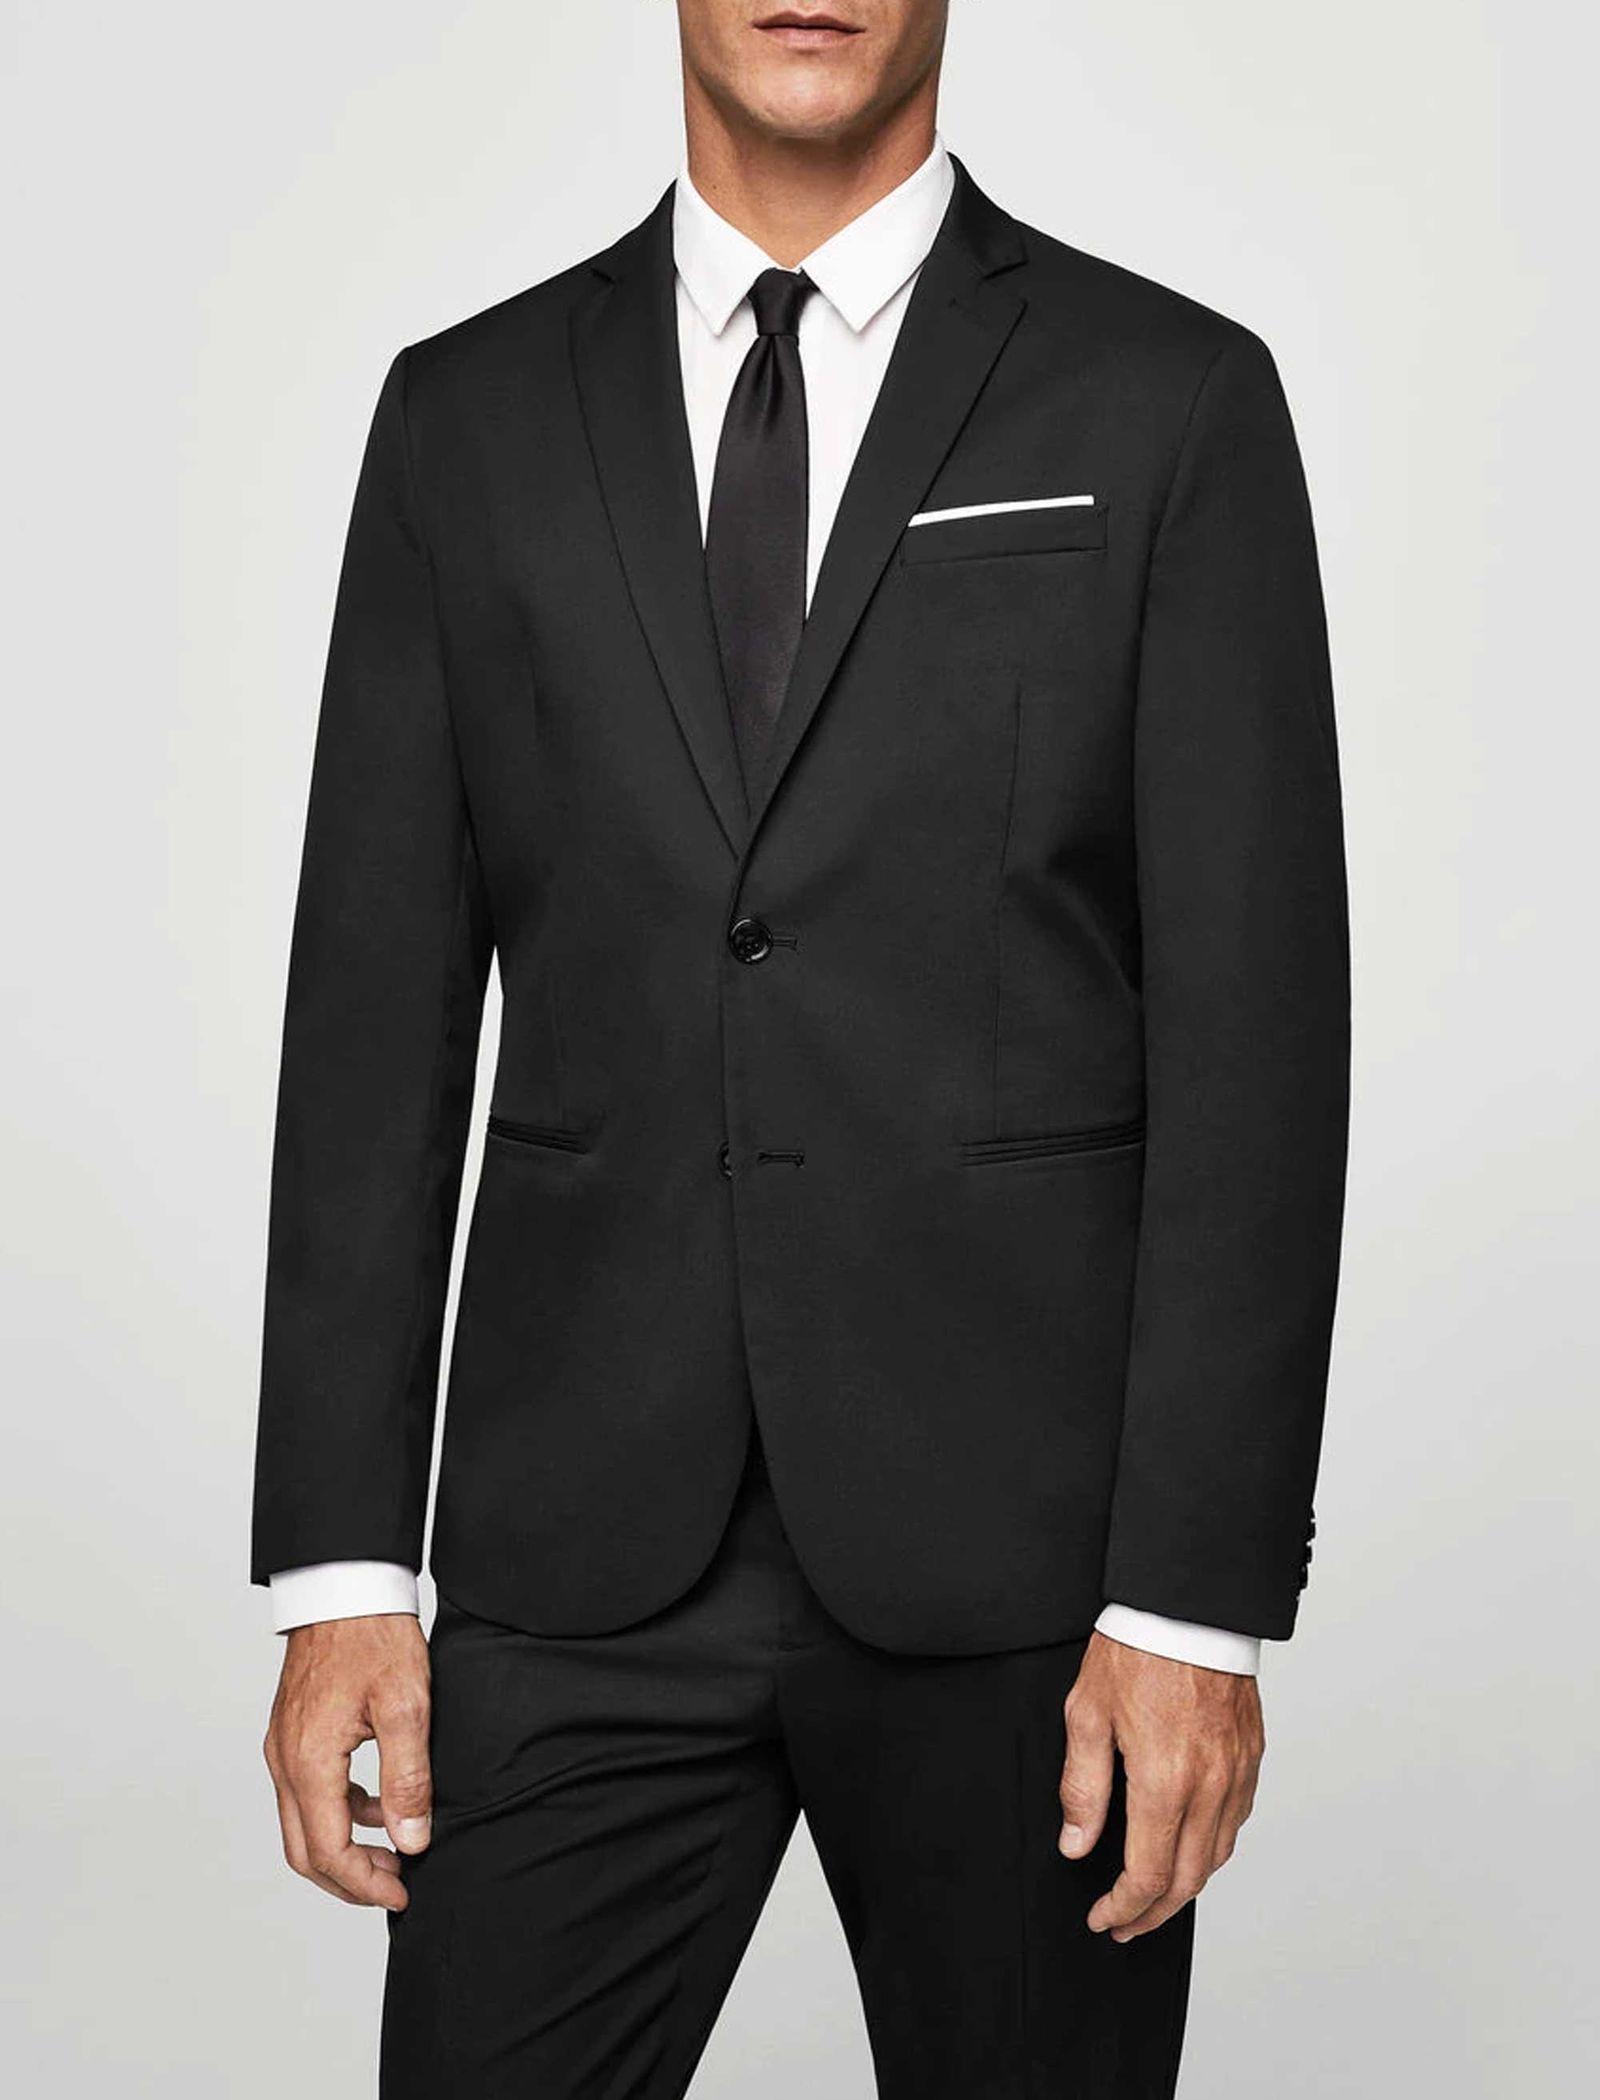 کت تک رسمی مردانه - مانگو - مشکي - 3